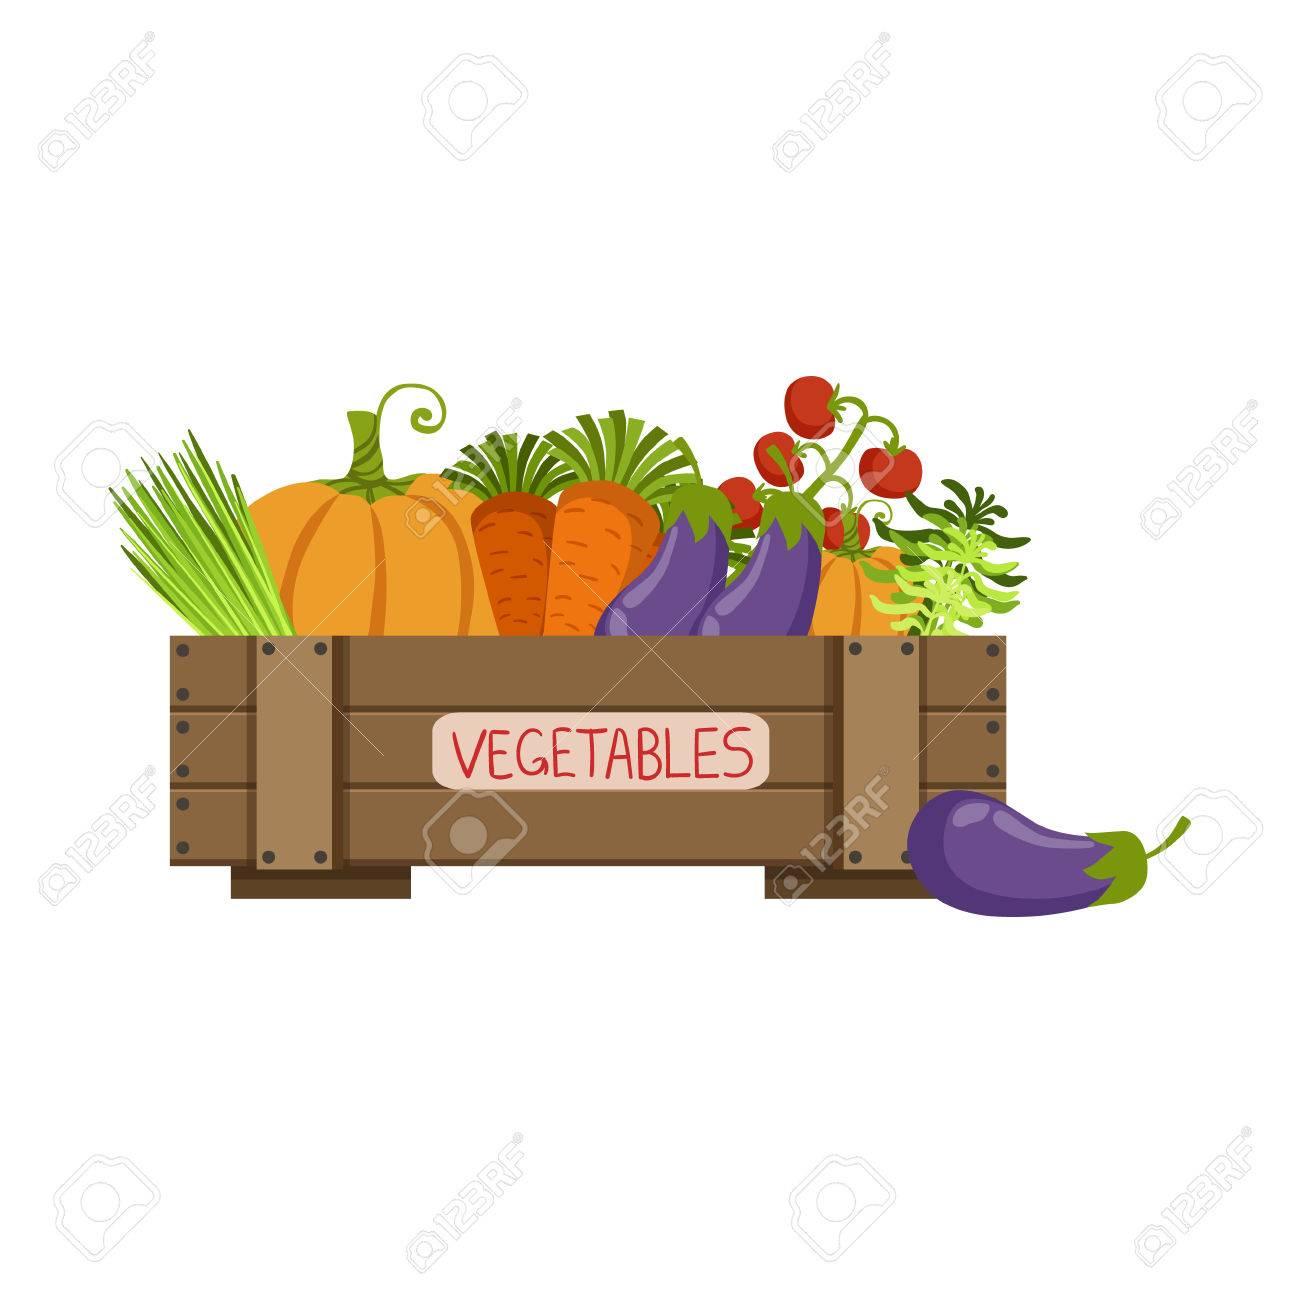 Volle Kiste Frisches Gemüse Wohnung Einfache Bunte Design Vector ...